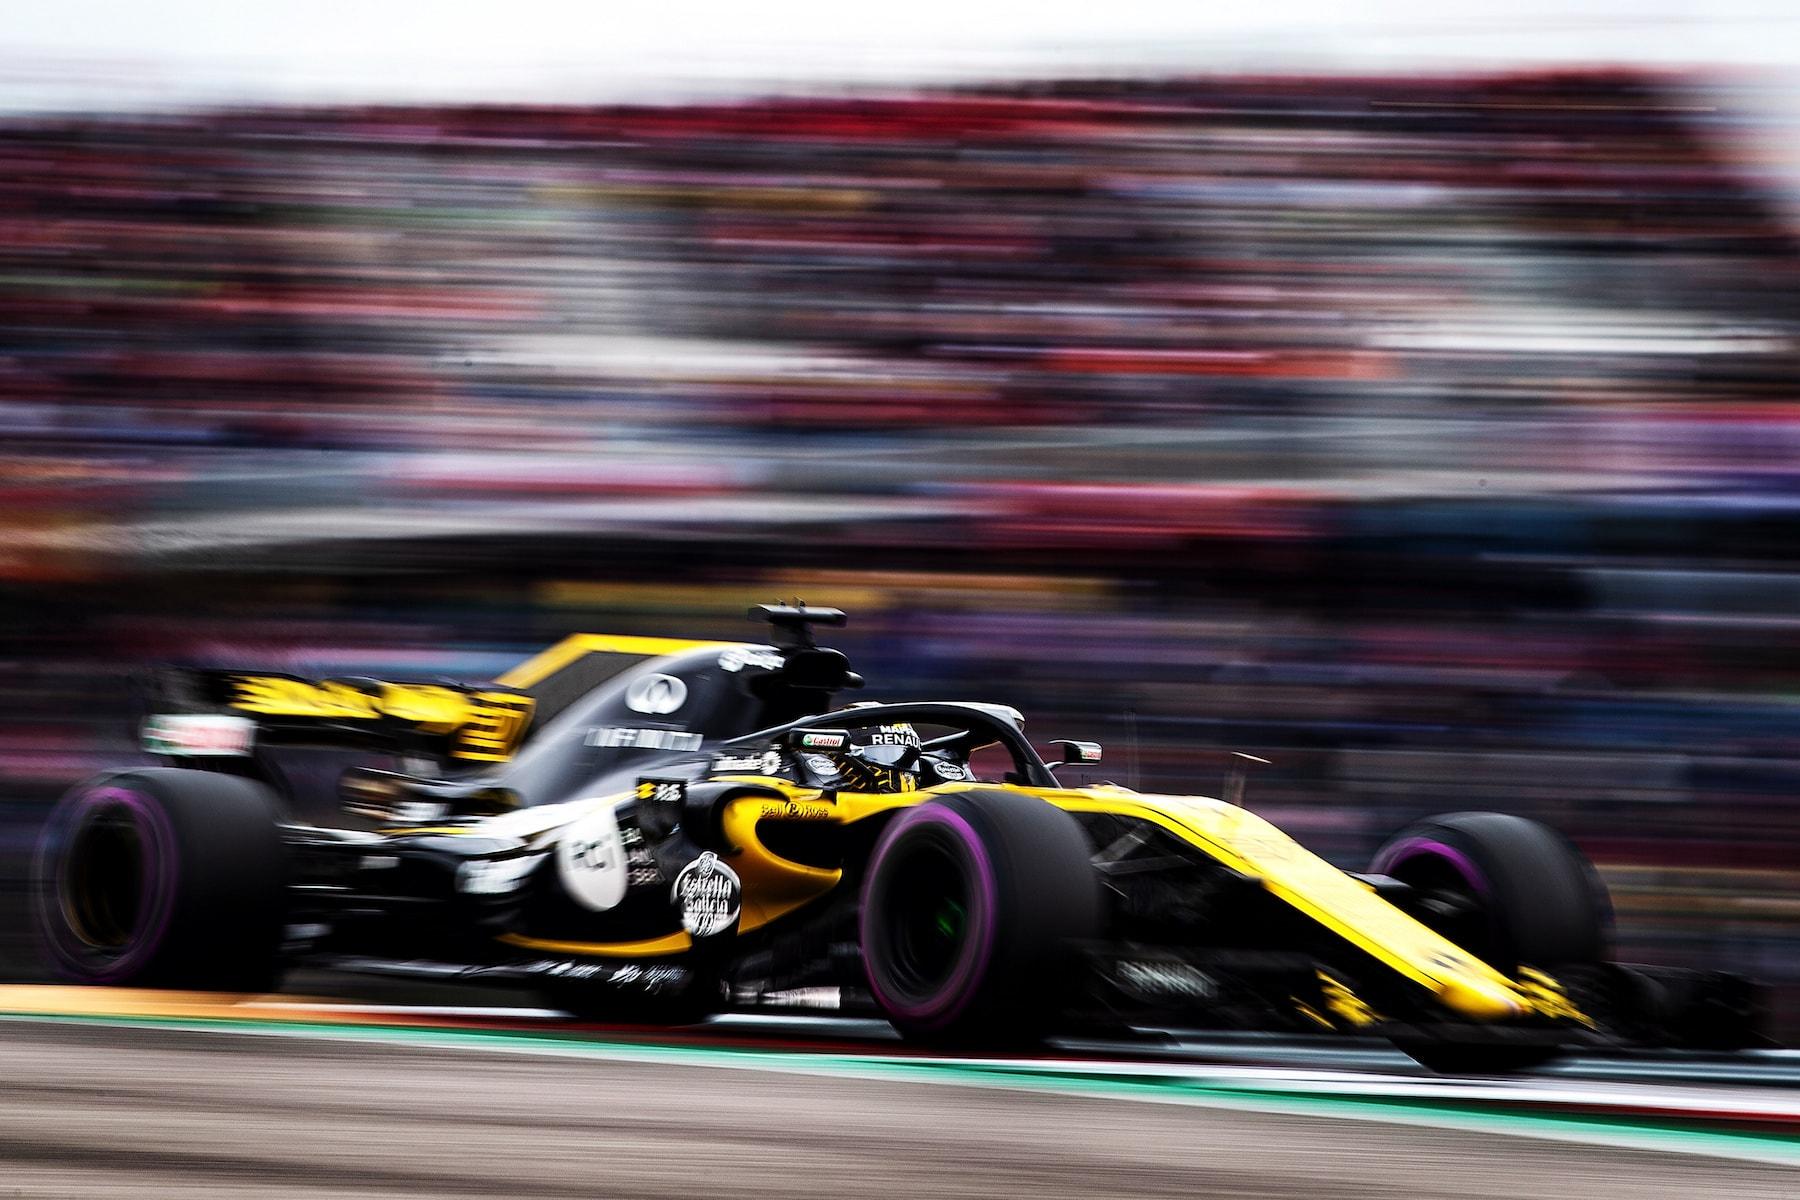 H 2018 Nico Hulkenberg | Renault RS18 | 2018 USGP 1 copy.jpg